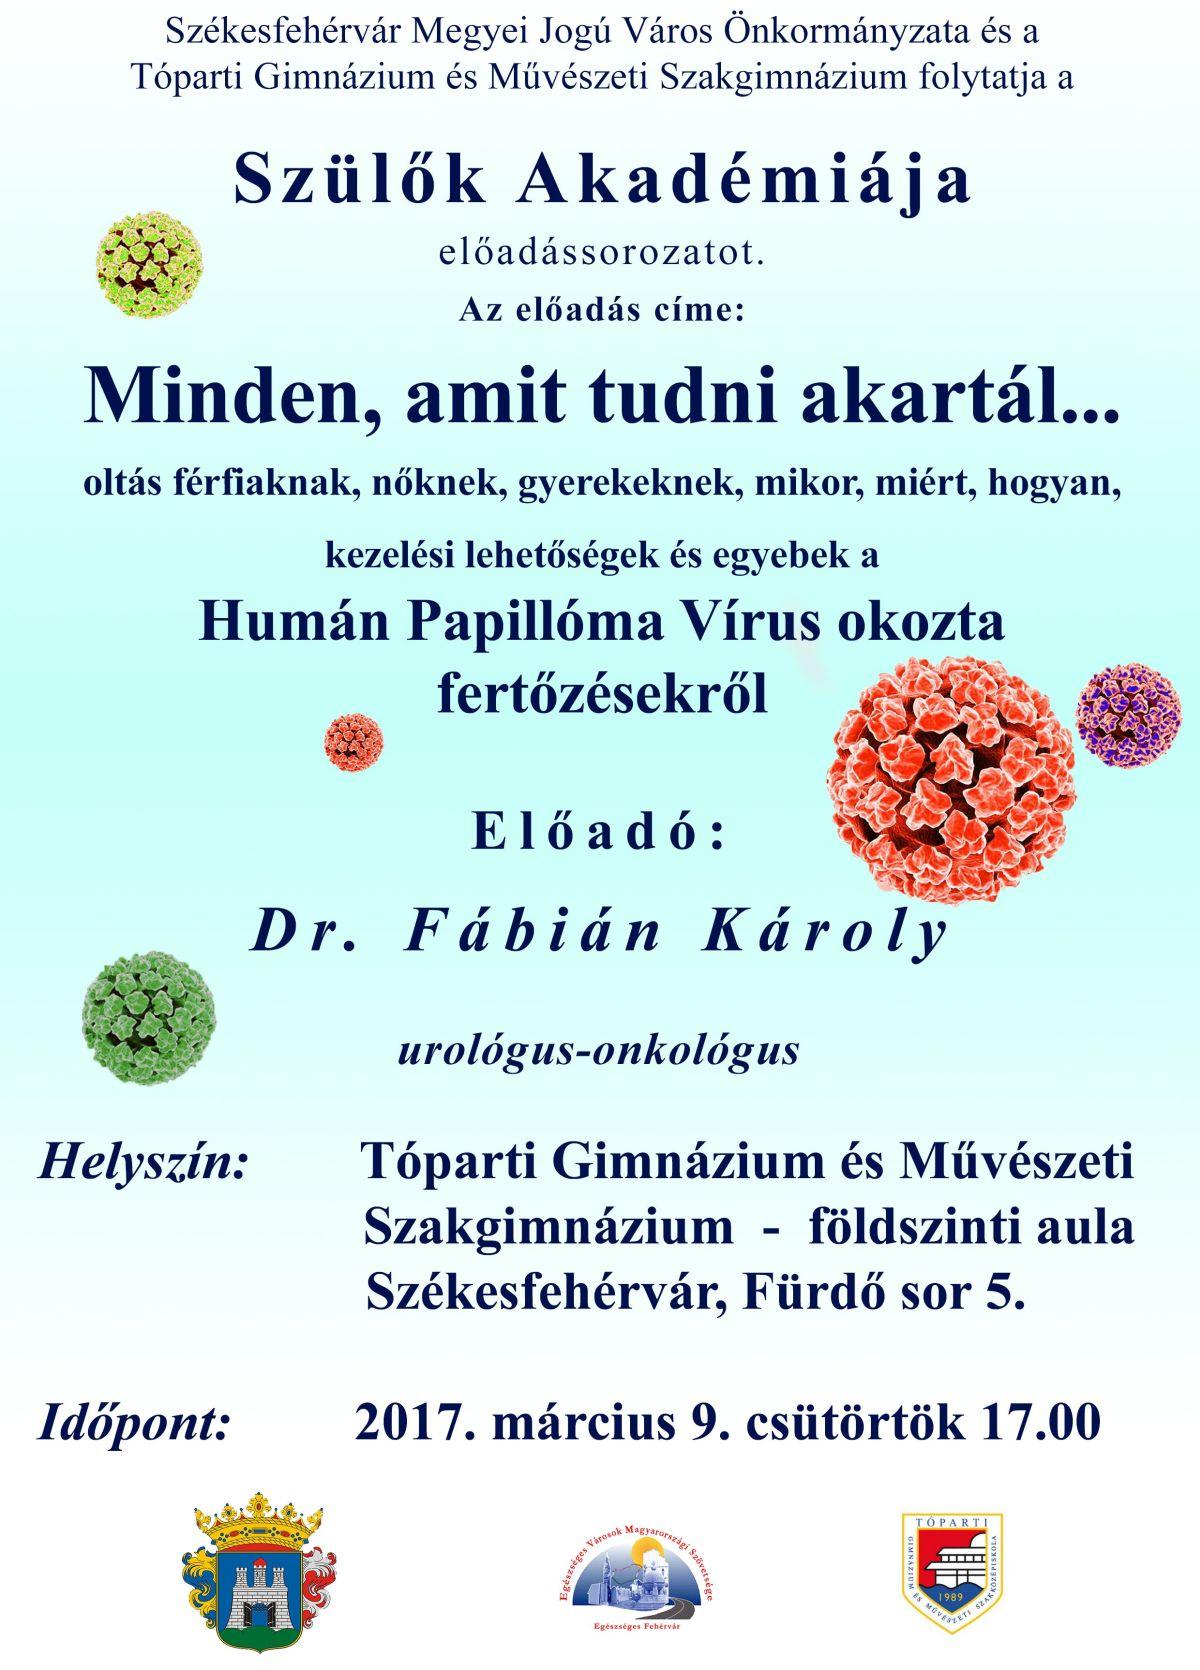 papilloma oltási vírus kockázata)